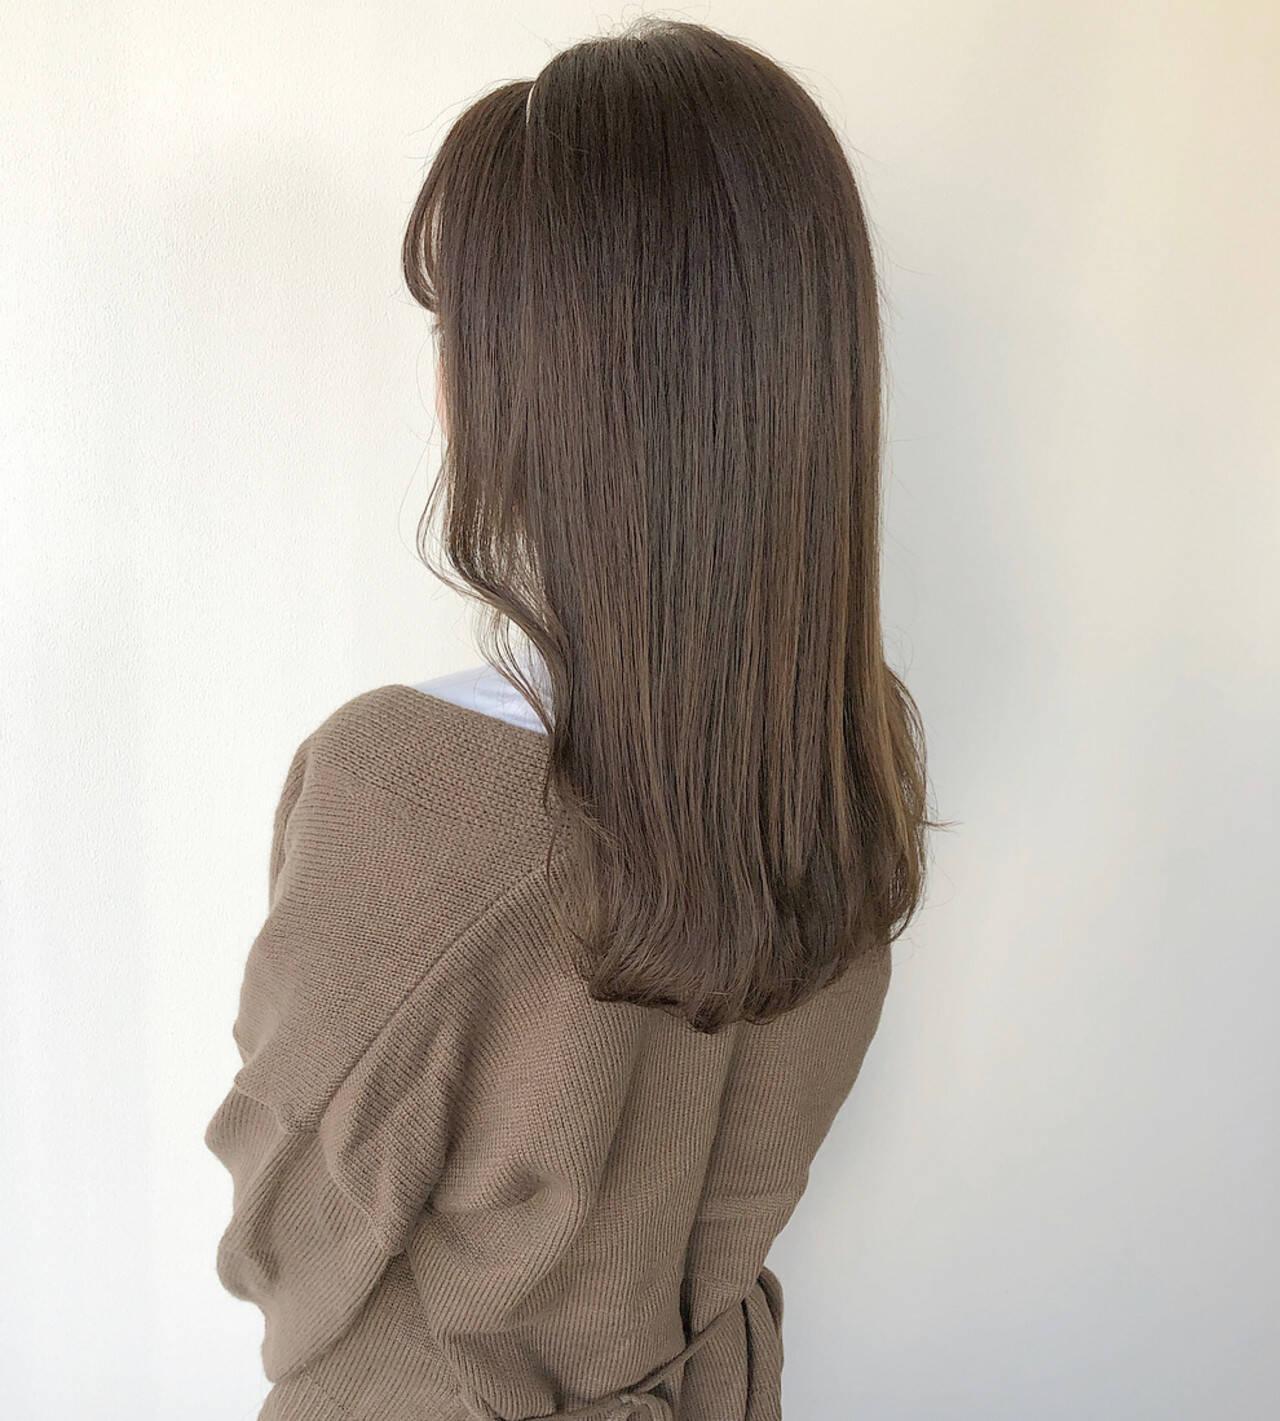 シアーベージュ ショコラブラウン ミルクティーベージュ カチューシャヘアスタイルや髪型の写真・画像